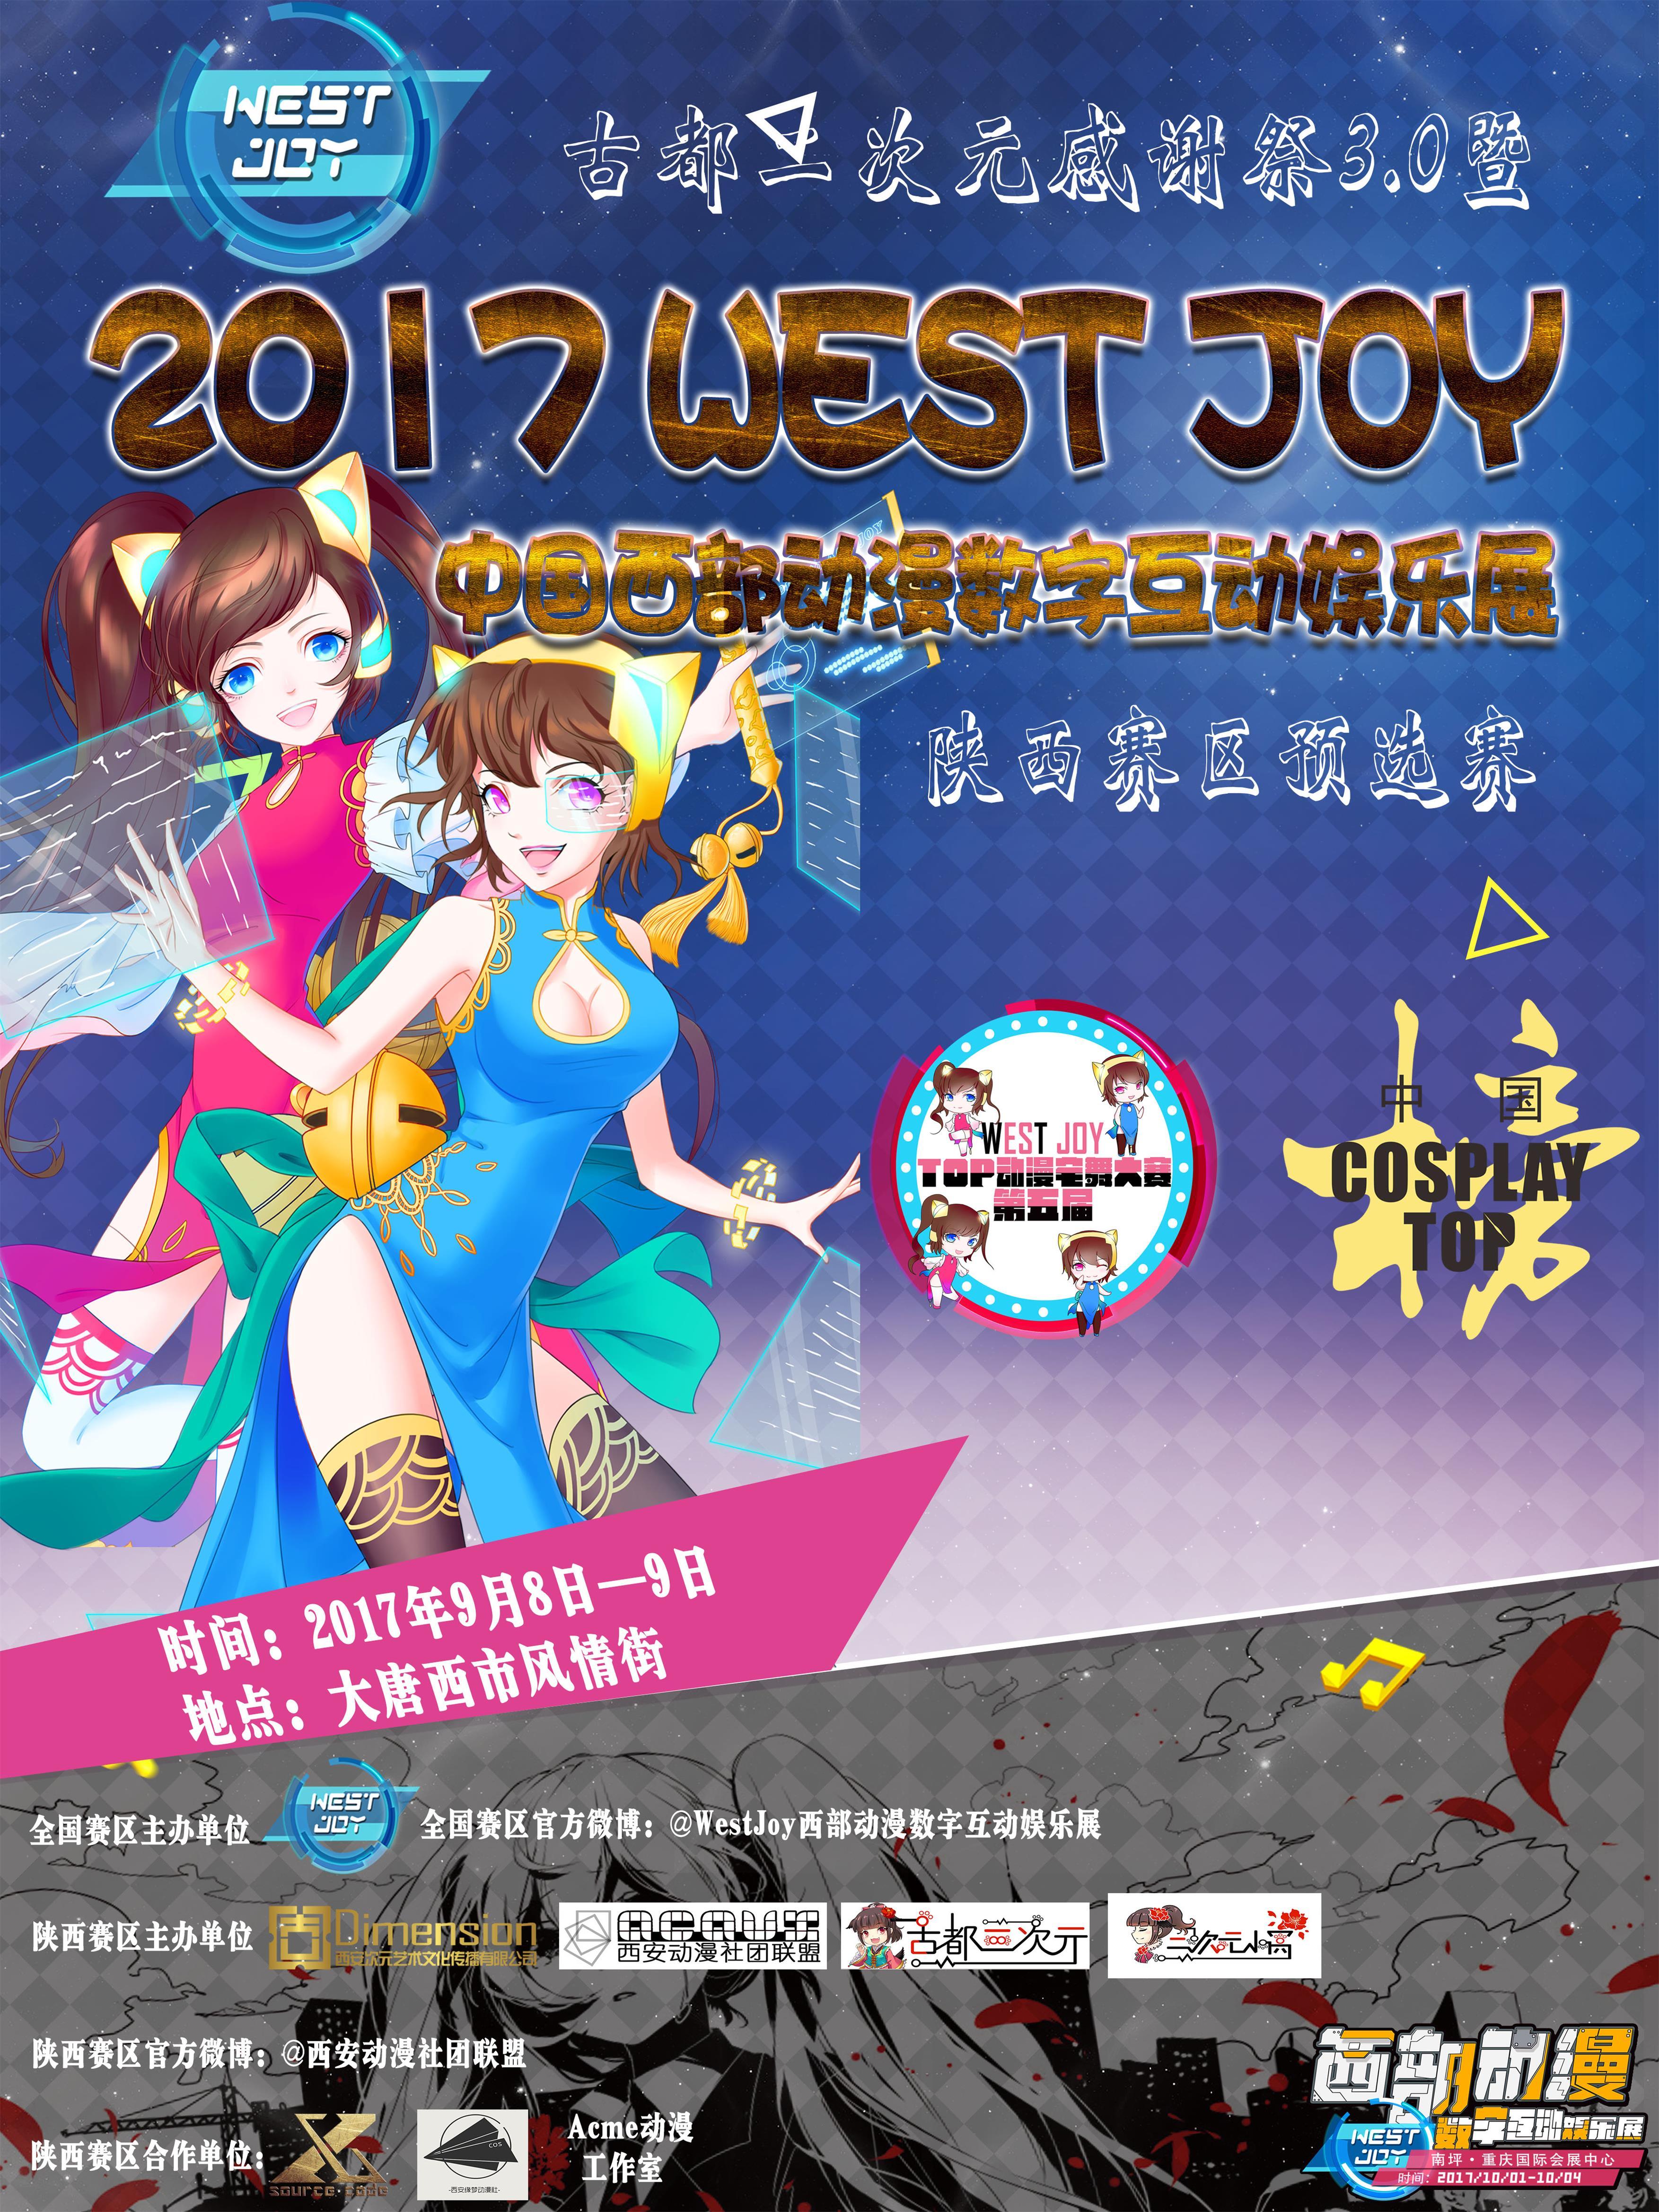 【一宣】2017WEST JOY中国西部动漫数字互动娱乐展中国Cosplay TOP榜陕西赛区预选赛